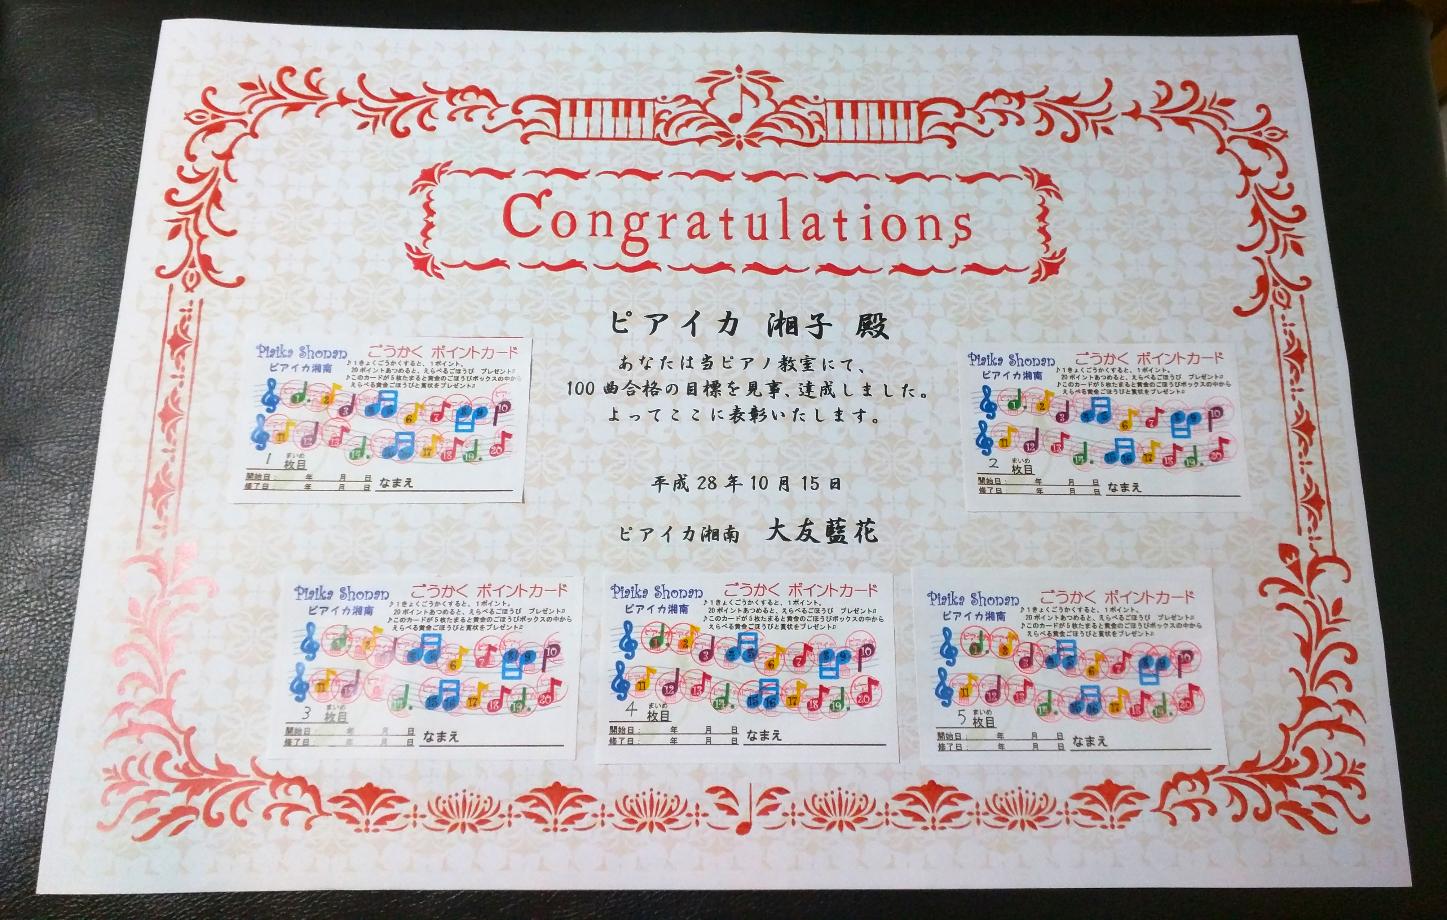 藤沢市辻堂のピアノ教室 ピアイカ湘南 合格賞状